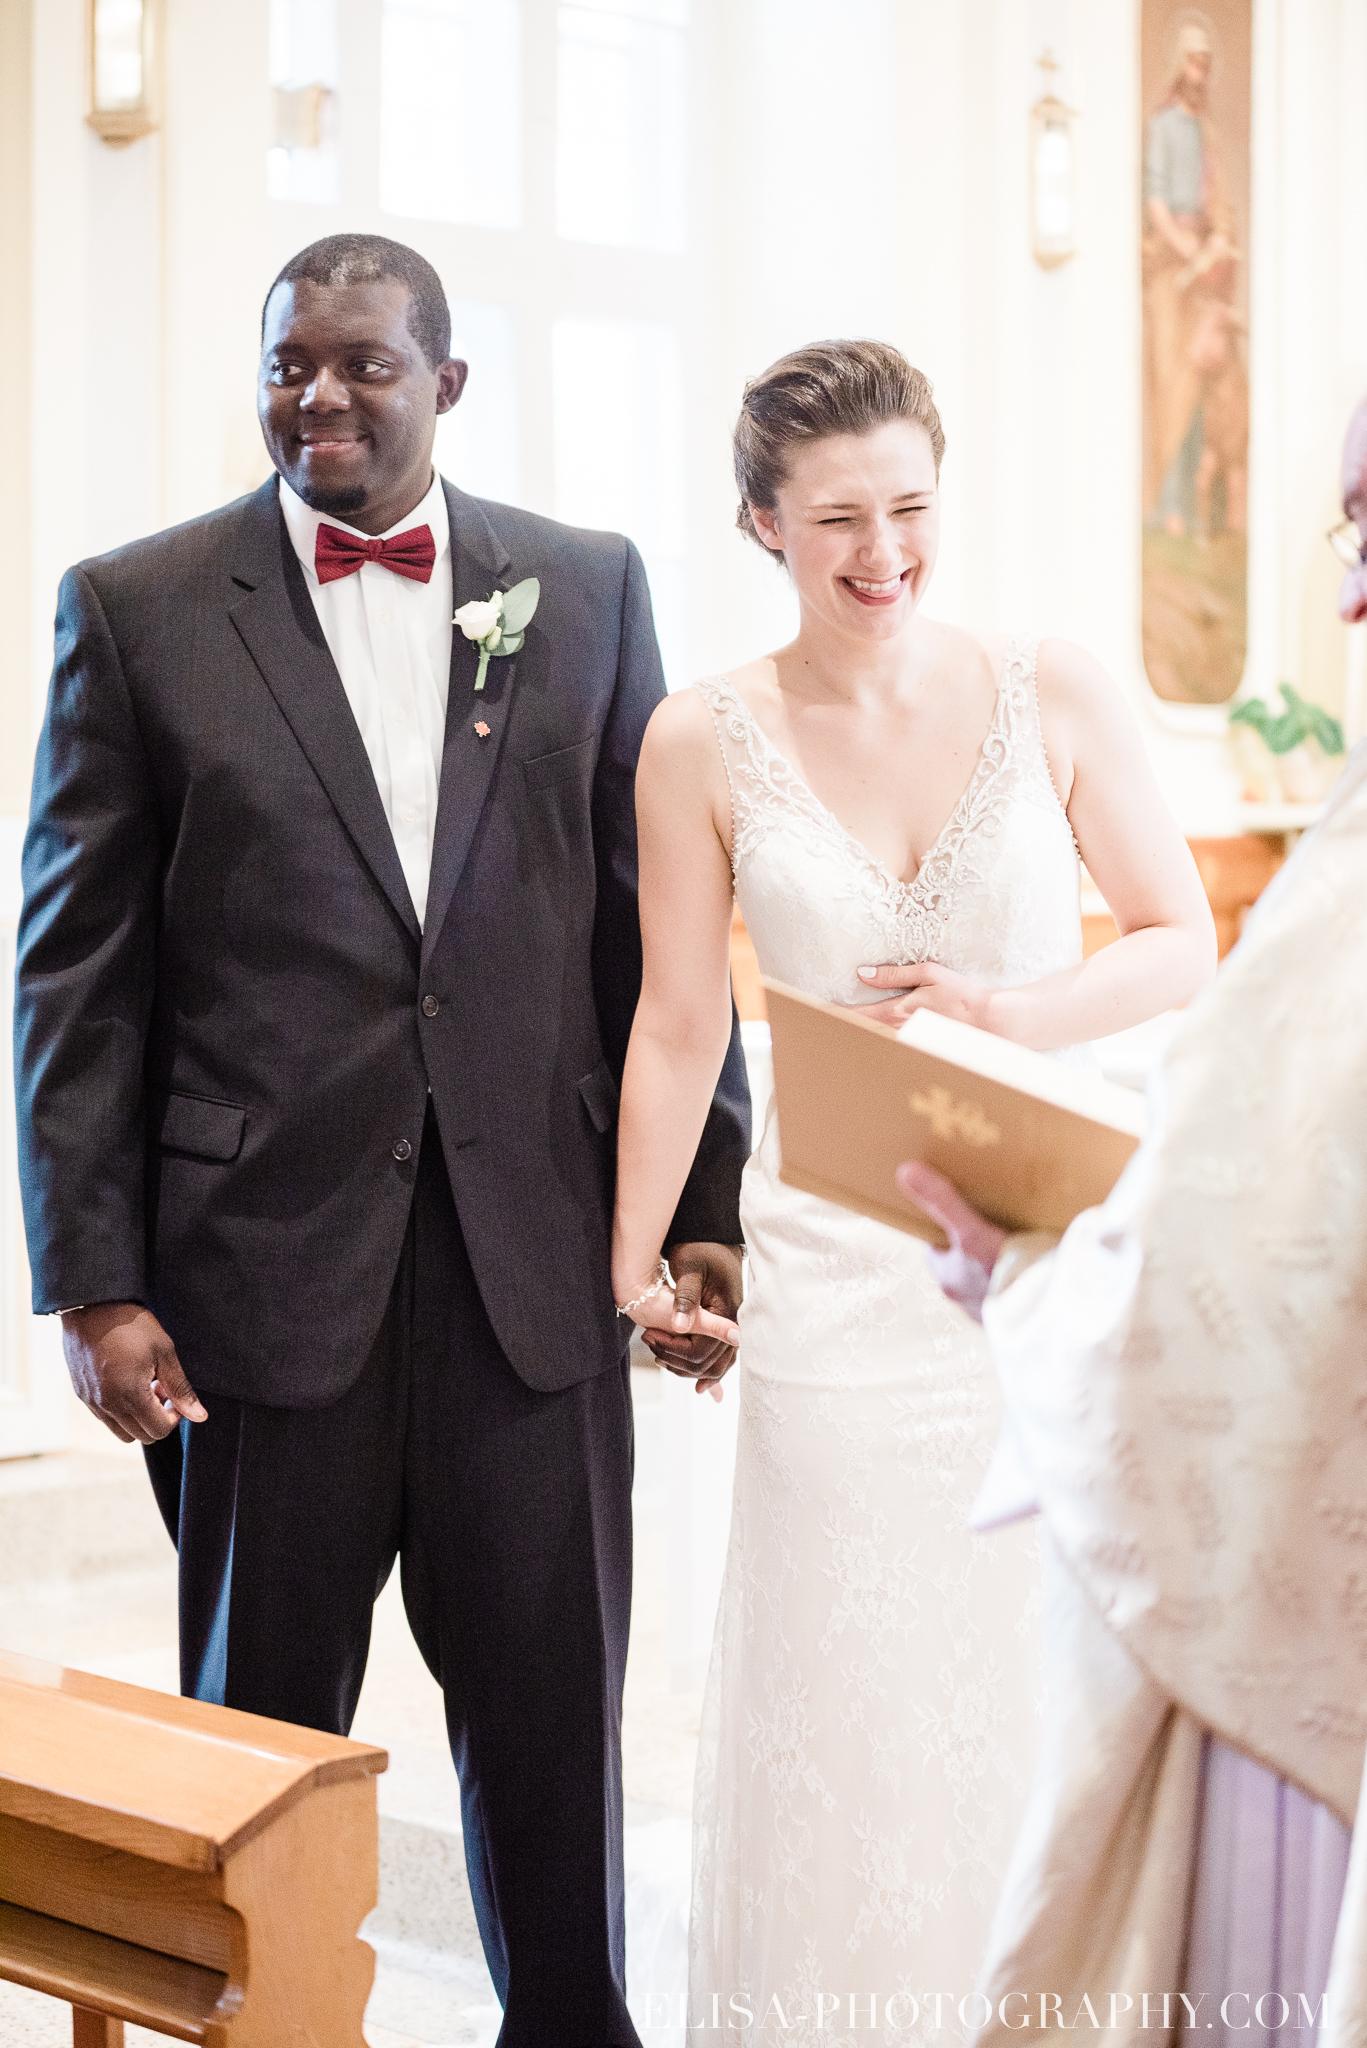 photo mariage ville quebec automne ceremonie eglise de cap rouge 7501 - Mariage au Golf de Cap-Rouge, ville de Québec: Stéphanie & William